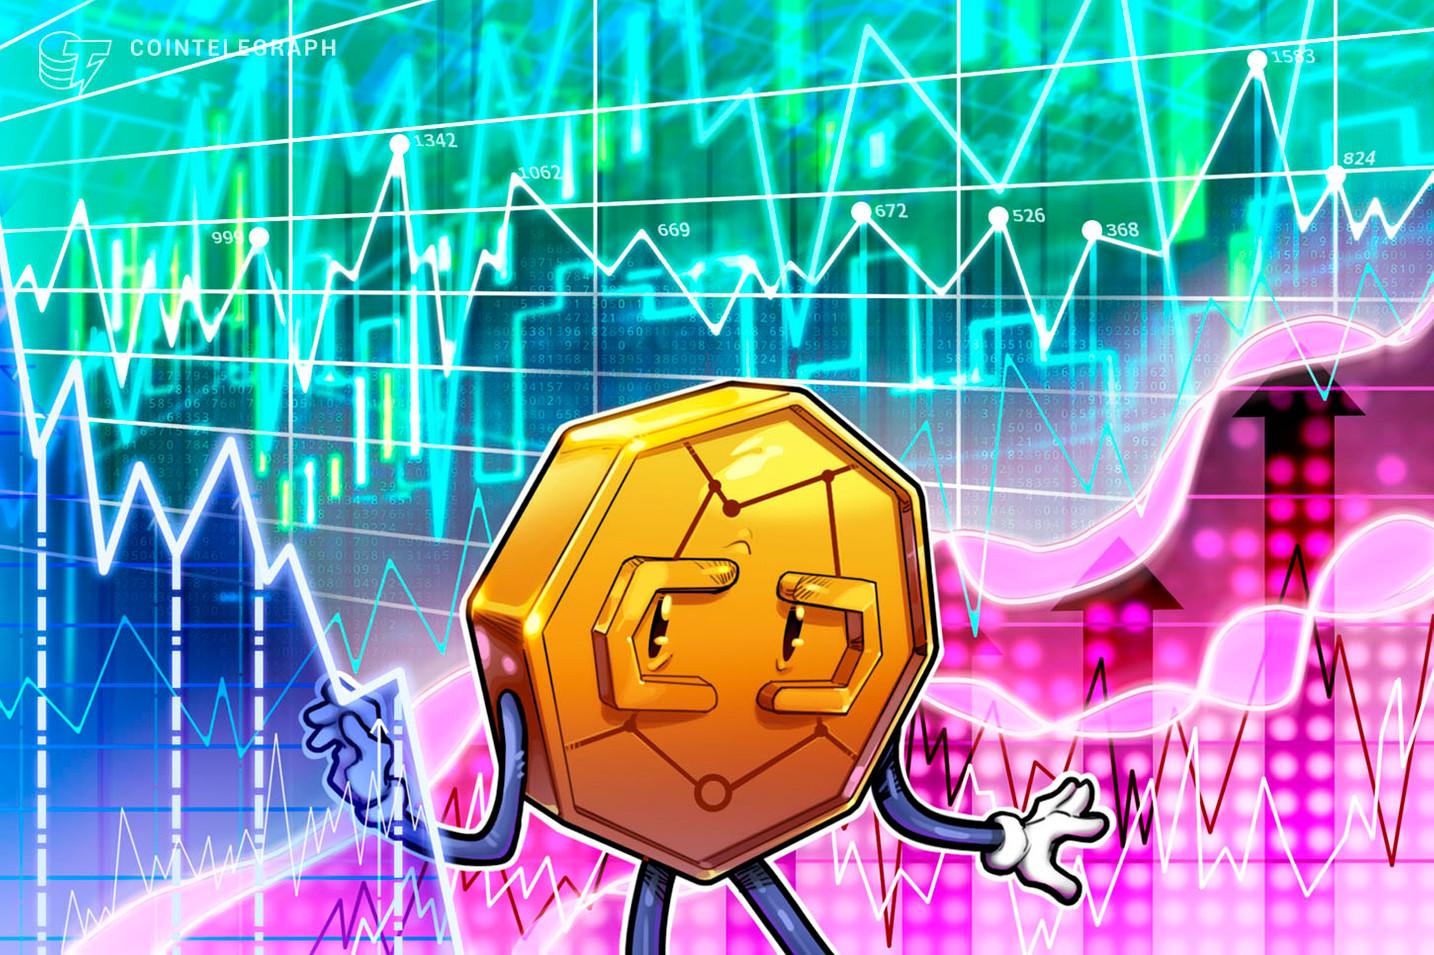 仮想通貨ビットコイン 今週は静かなスタート 「調整局面」を警戒する声も